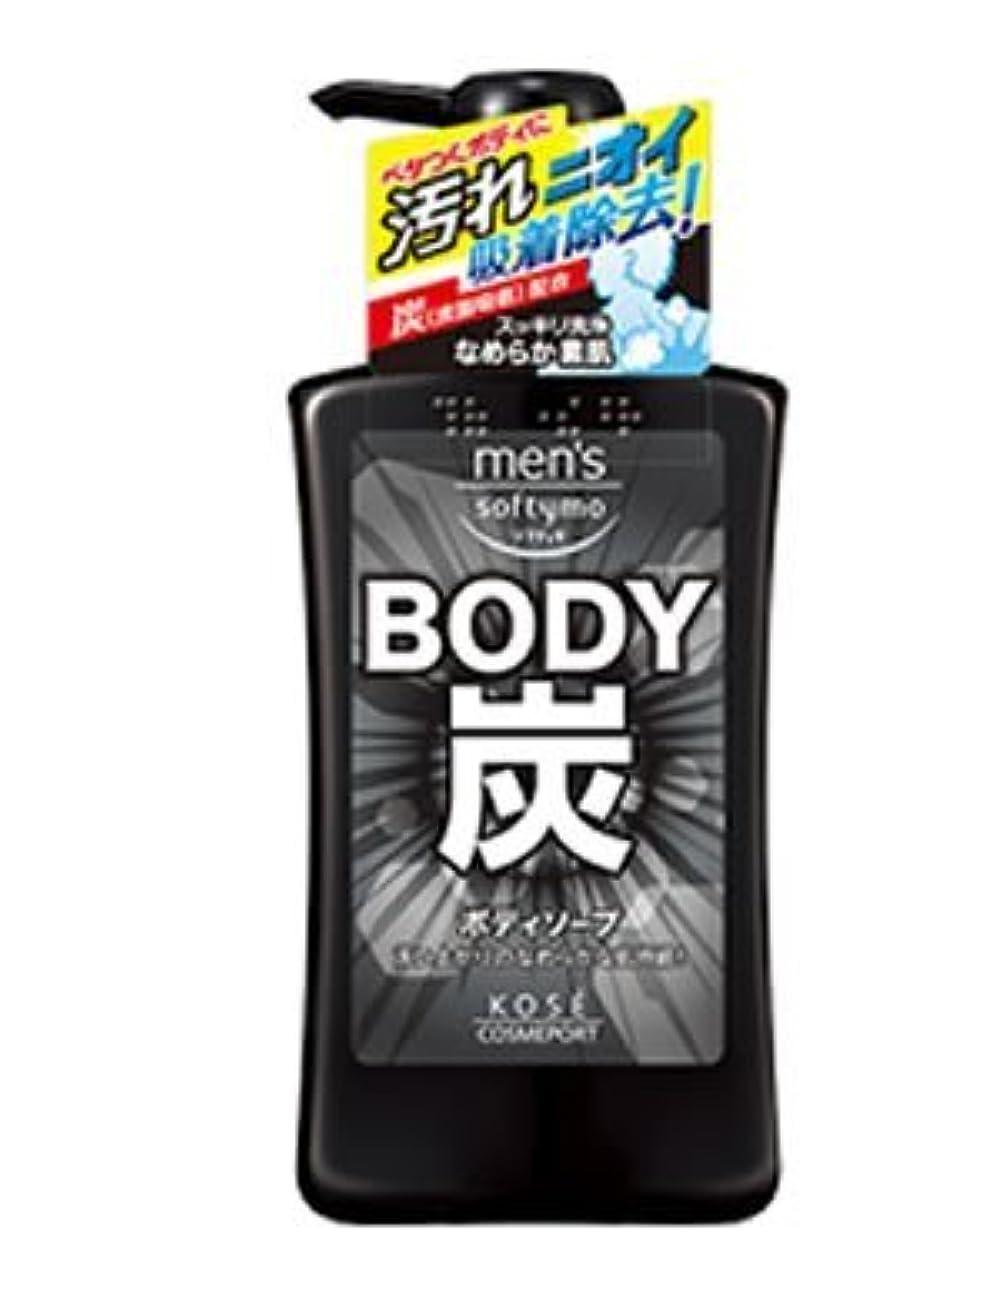 ヤング謎めいた習熟度コーセー(KOSE)メンズソフティモ ボディソープ(炭)シトラスミントの香り 550ml(お買い得3個セット)